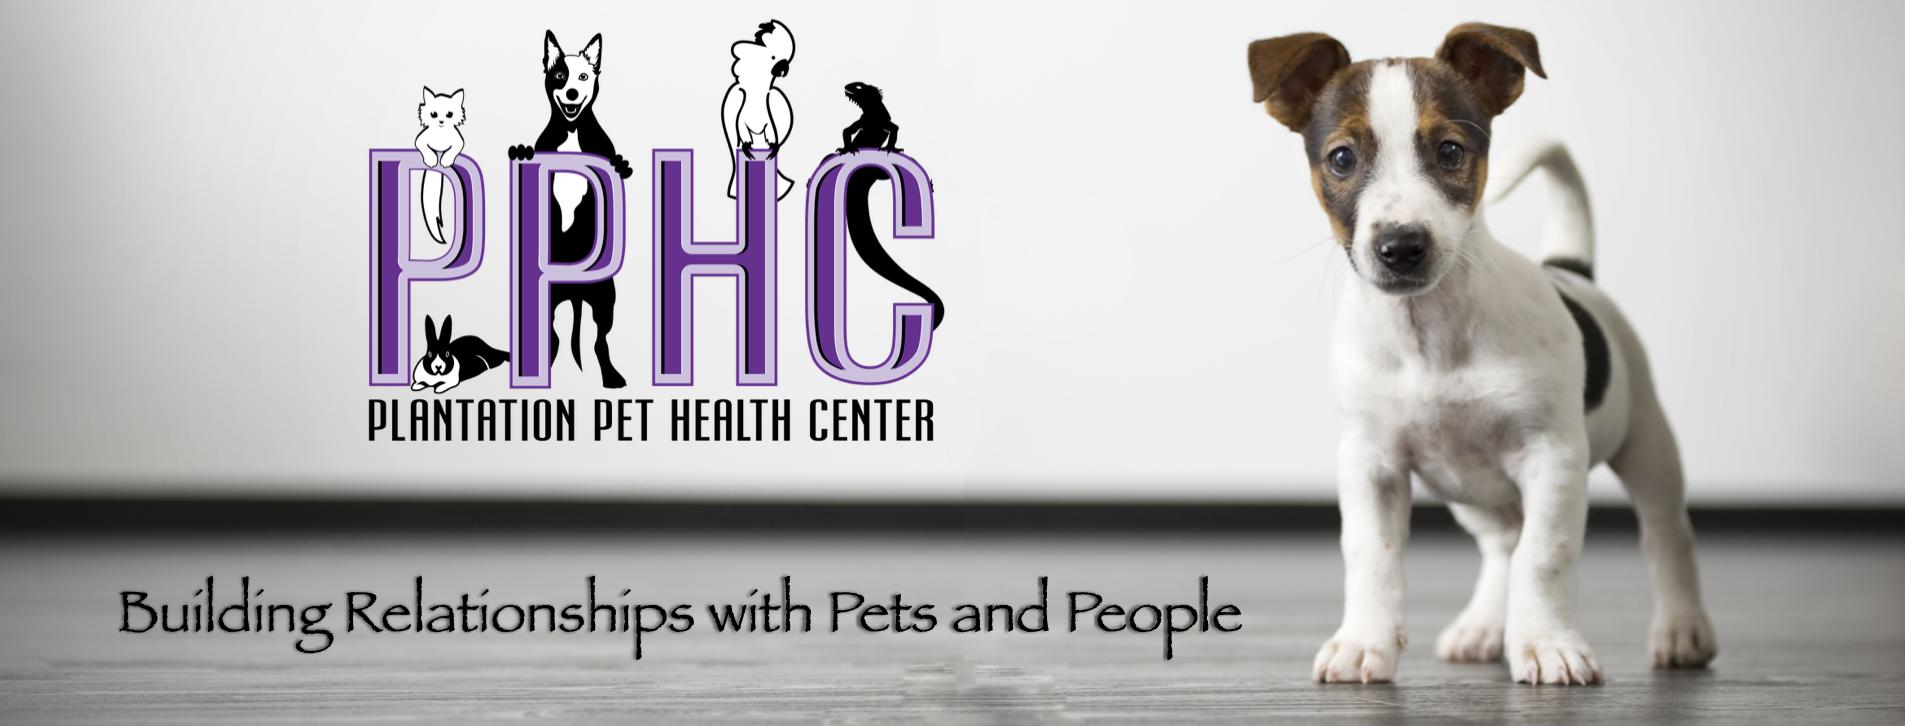 Plantation Pet Health Center (PPHC) Frisco Doc Martin